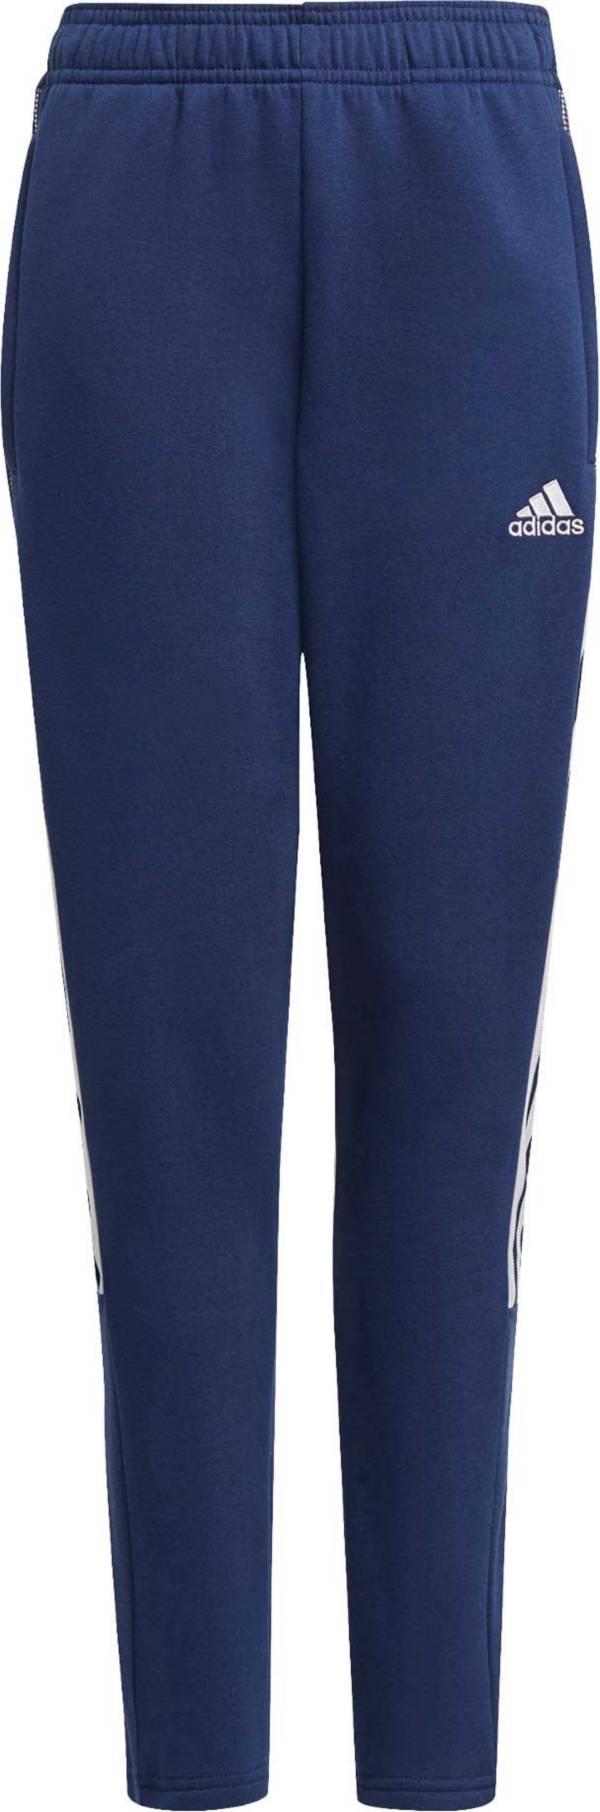 adidas Kids' Tiro 21 Sweat Pants product image